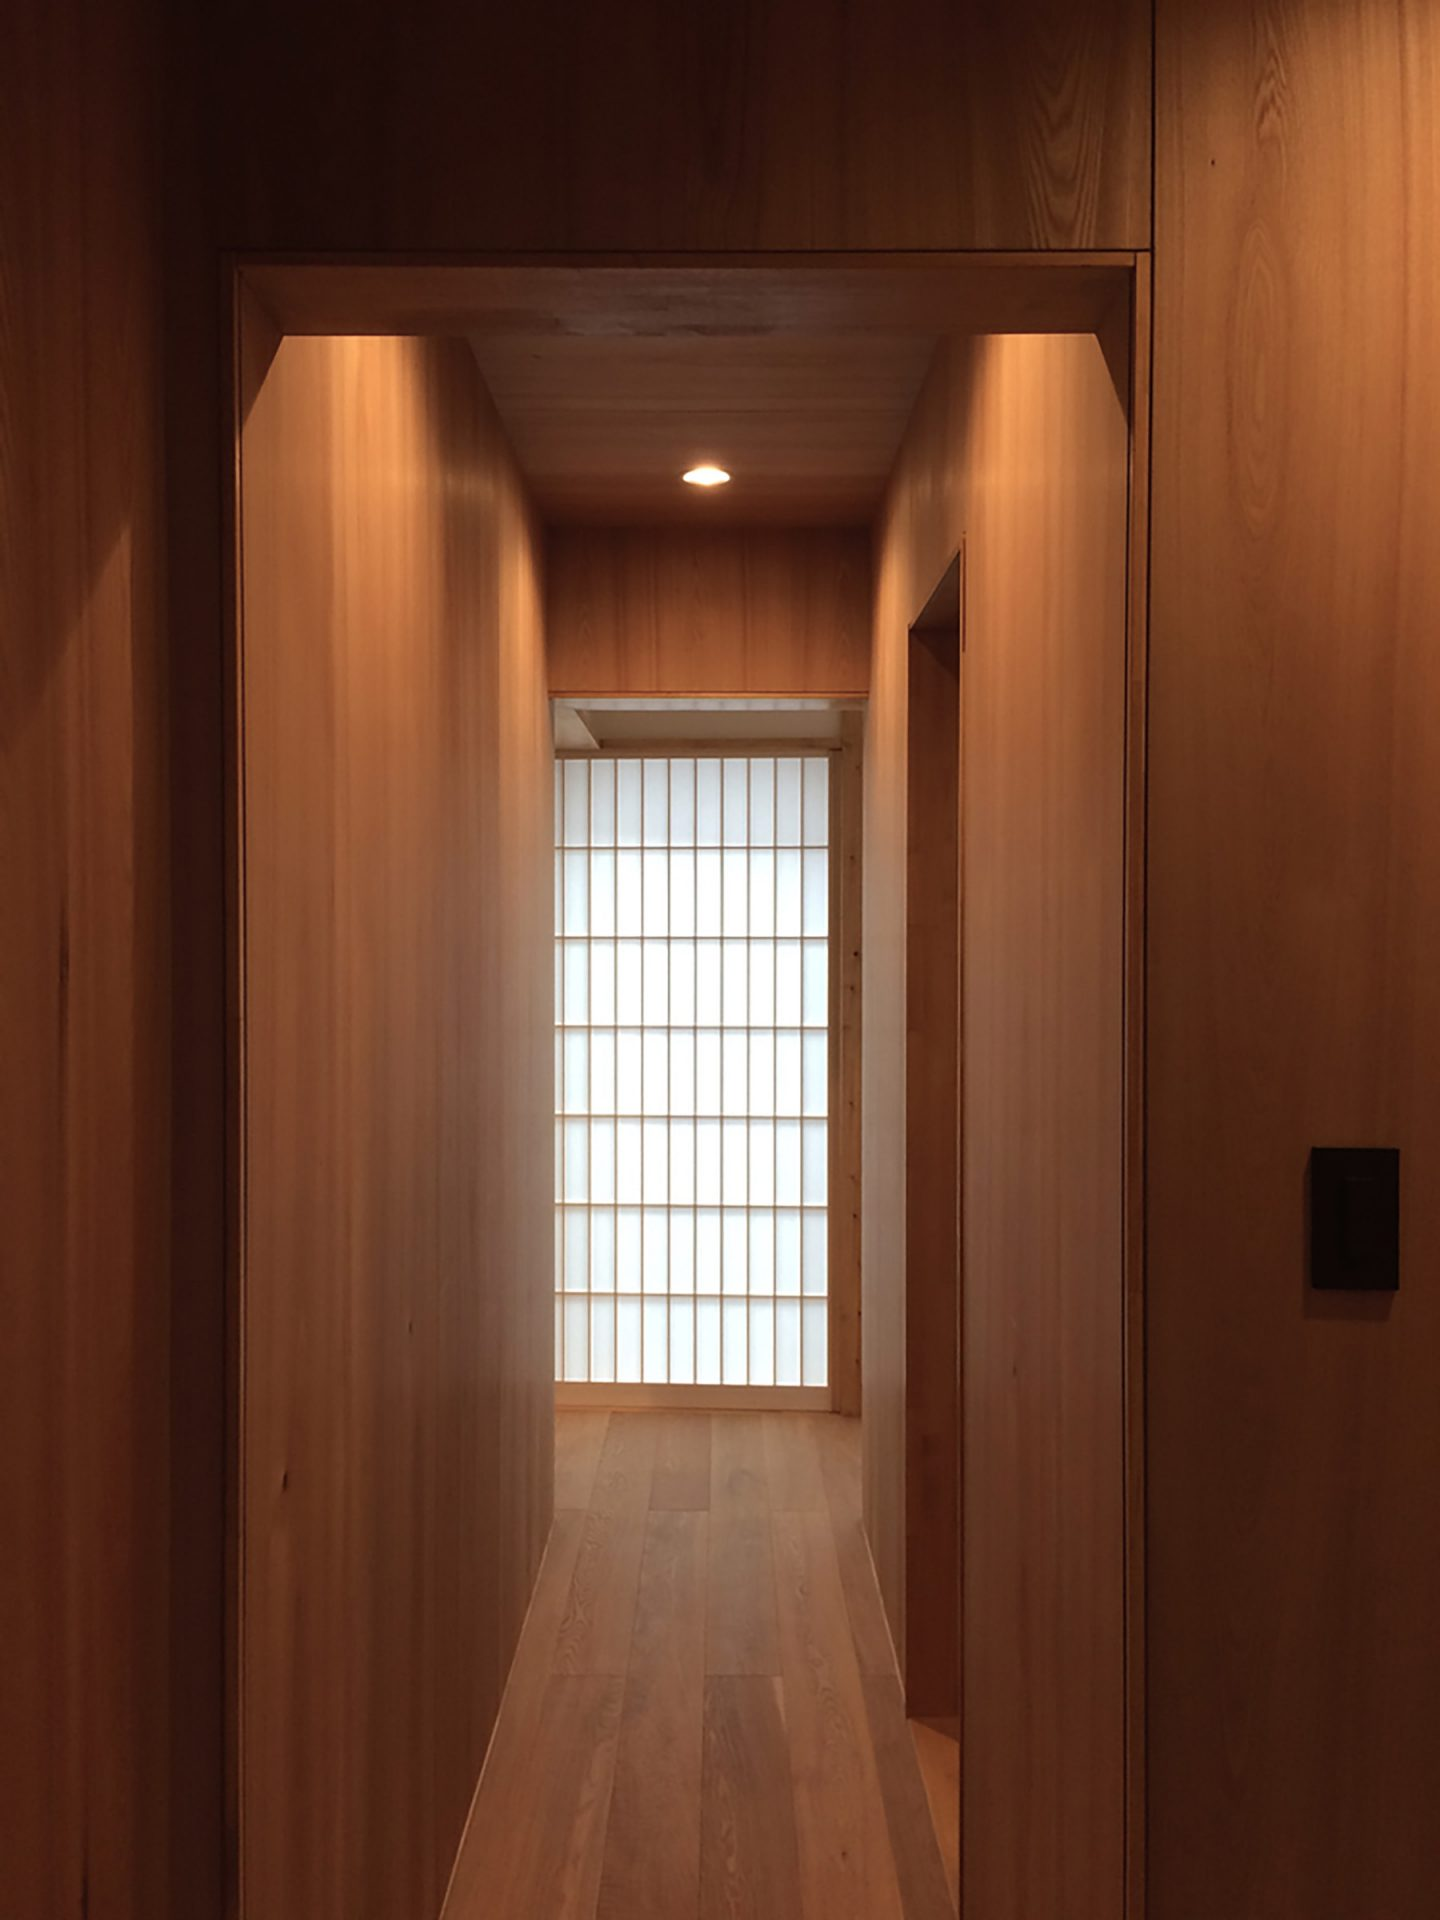 iGNANT-Architecture-Schenk-Hattori-Housing-Complex-011